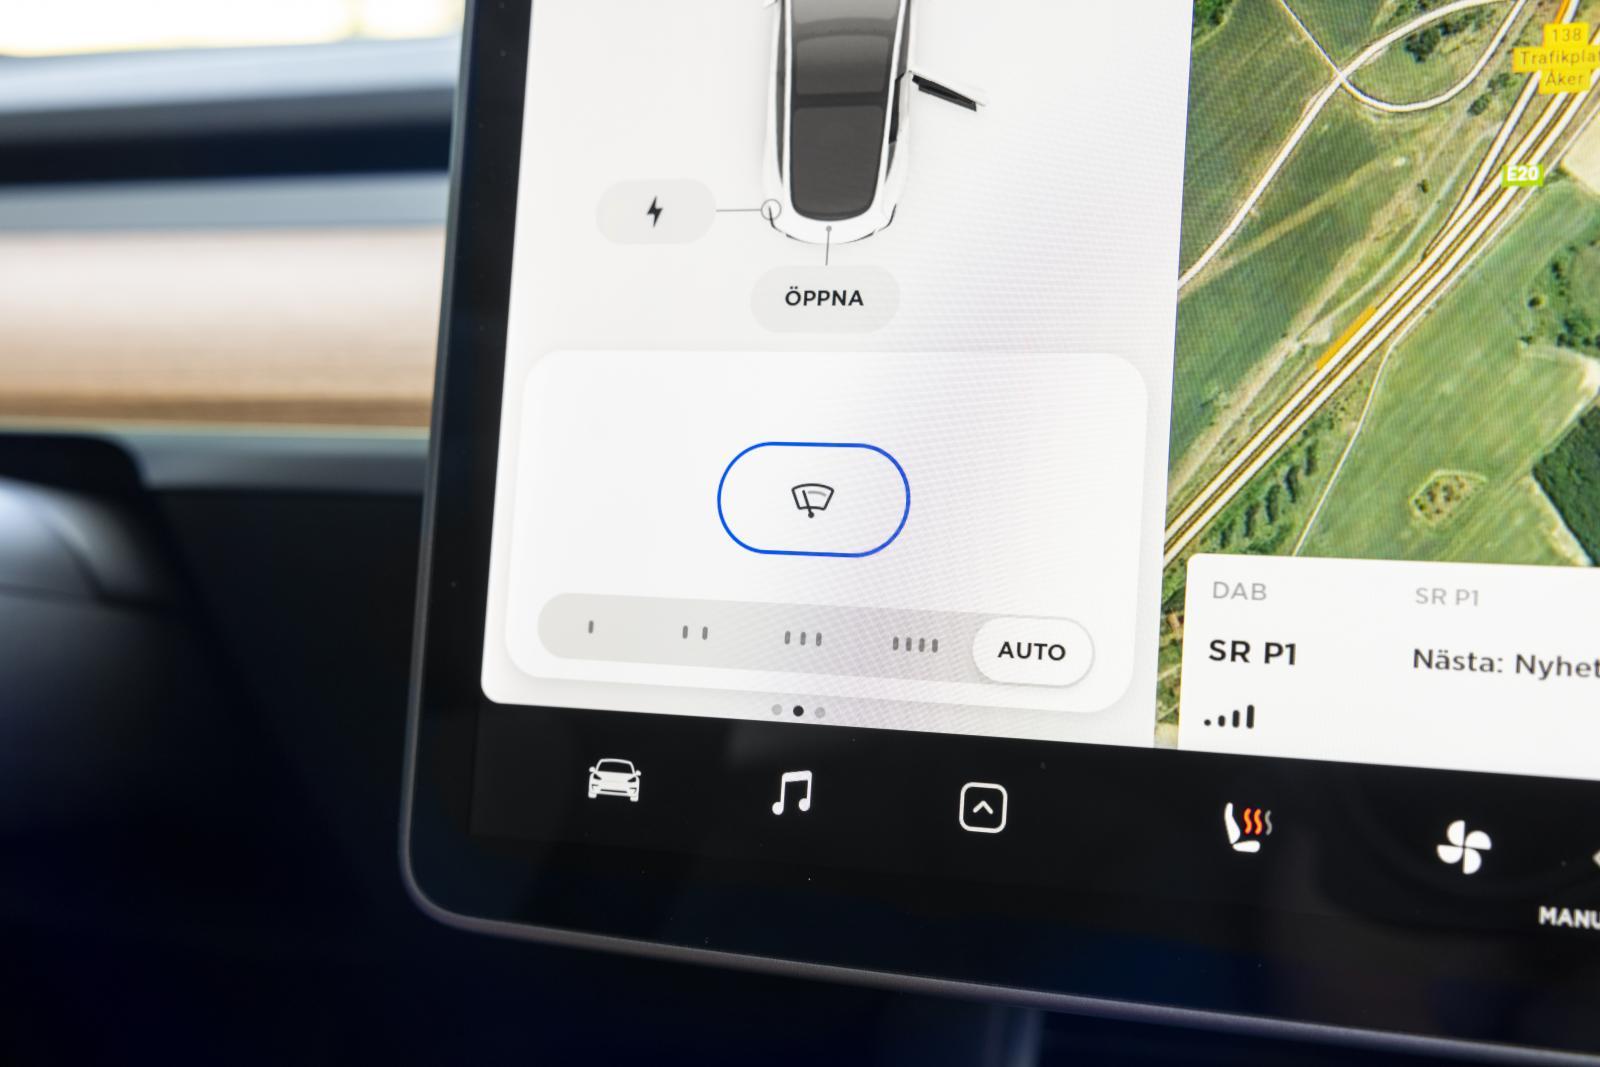 Tesla: Seg regnsensor (ej ställbar känslighet) och torkarmeny gömd i en undermeny irriterar.